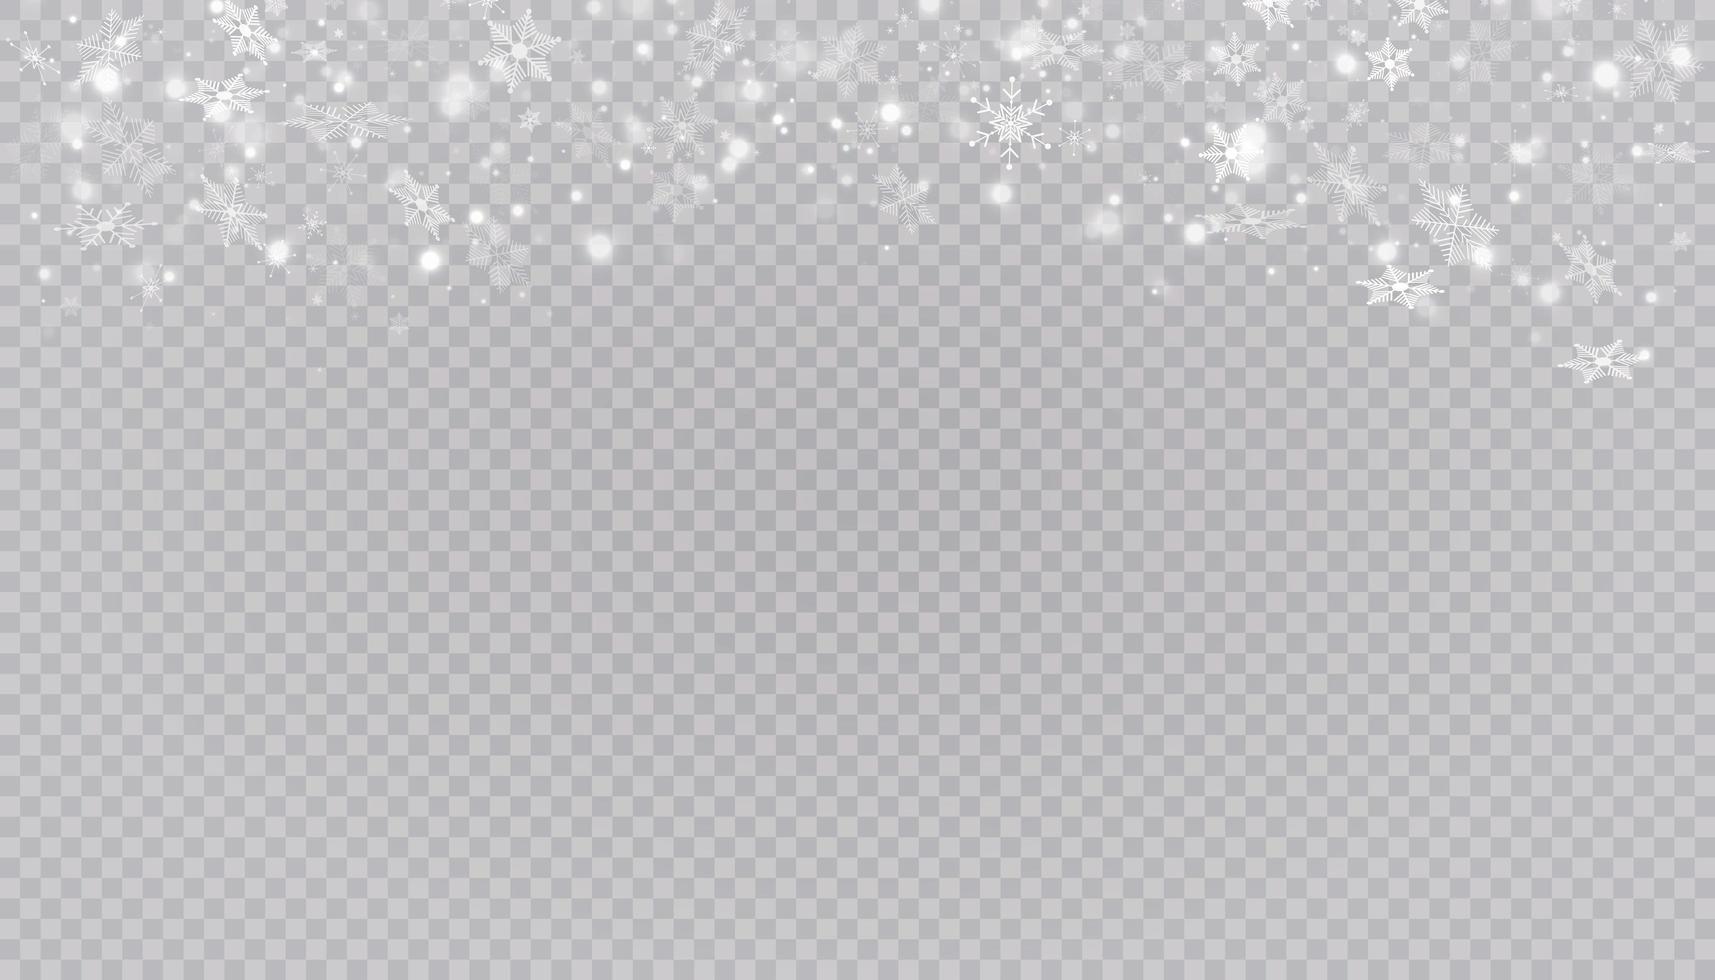 copos de nieve blanca en el fondo. vector